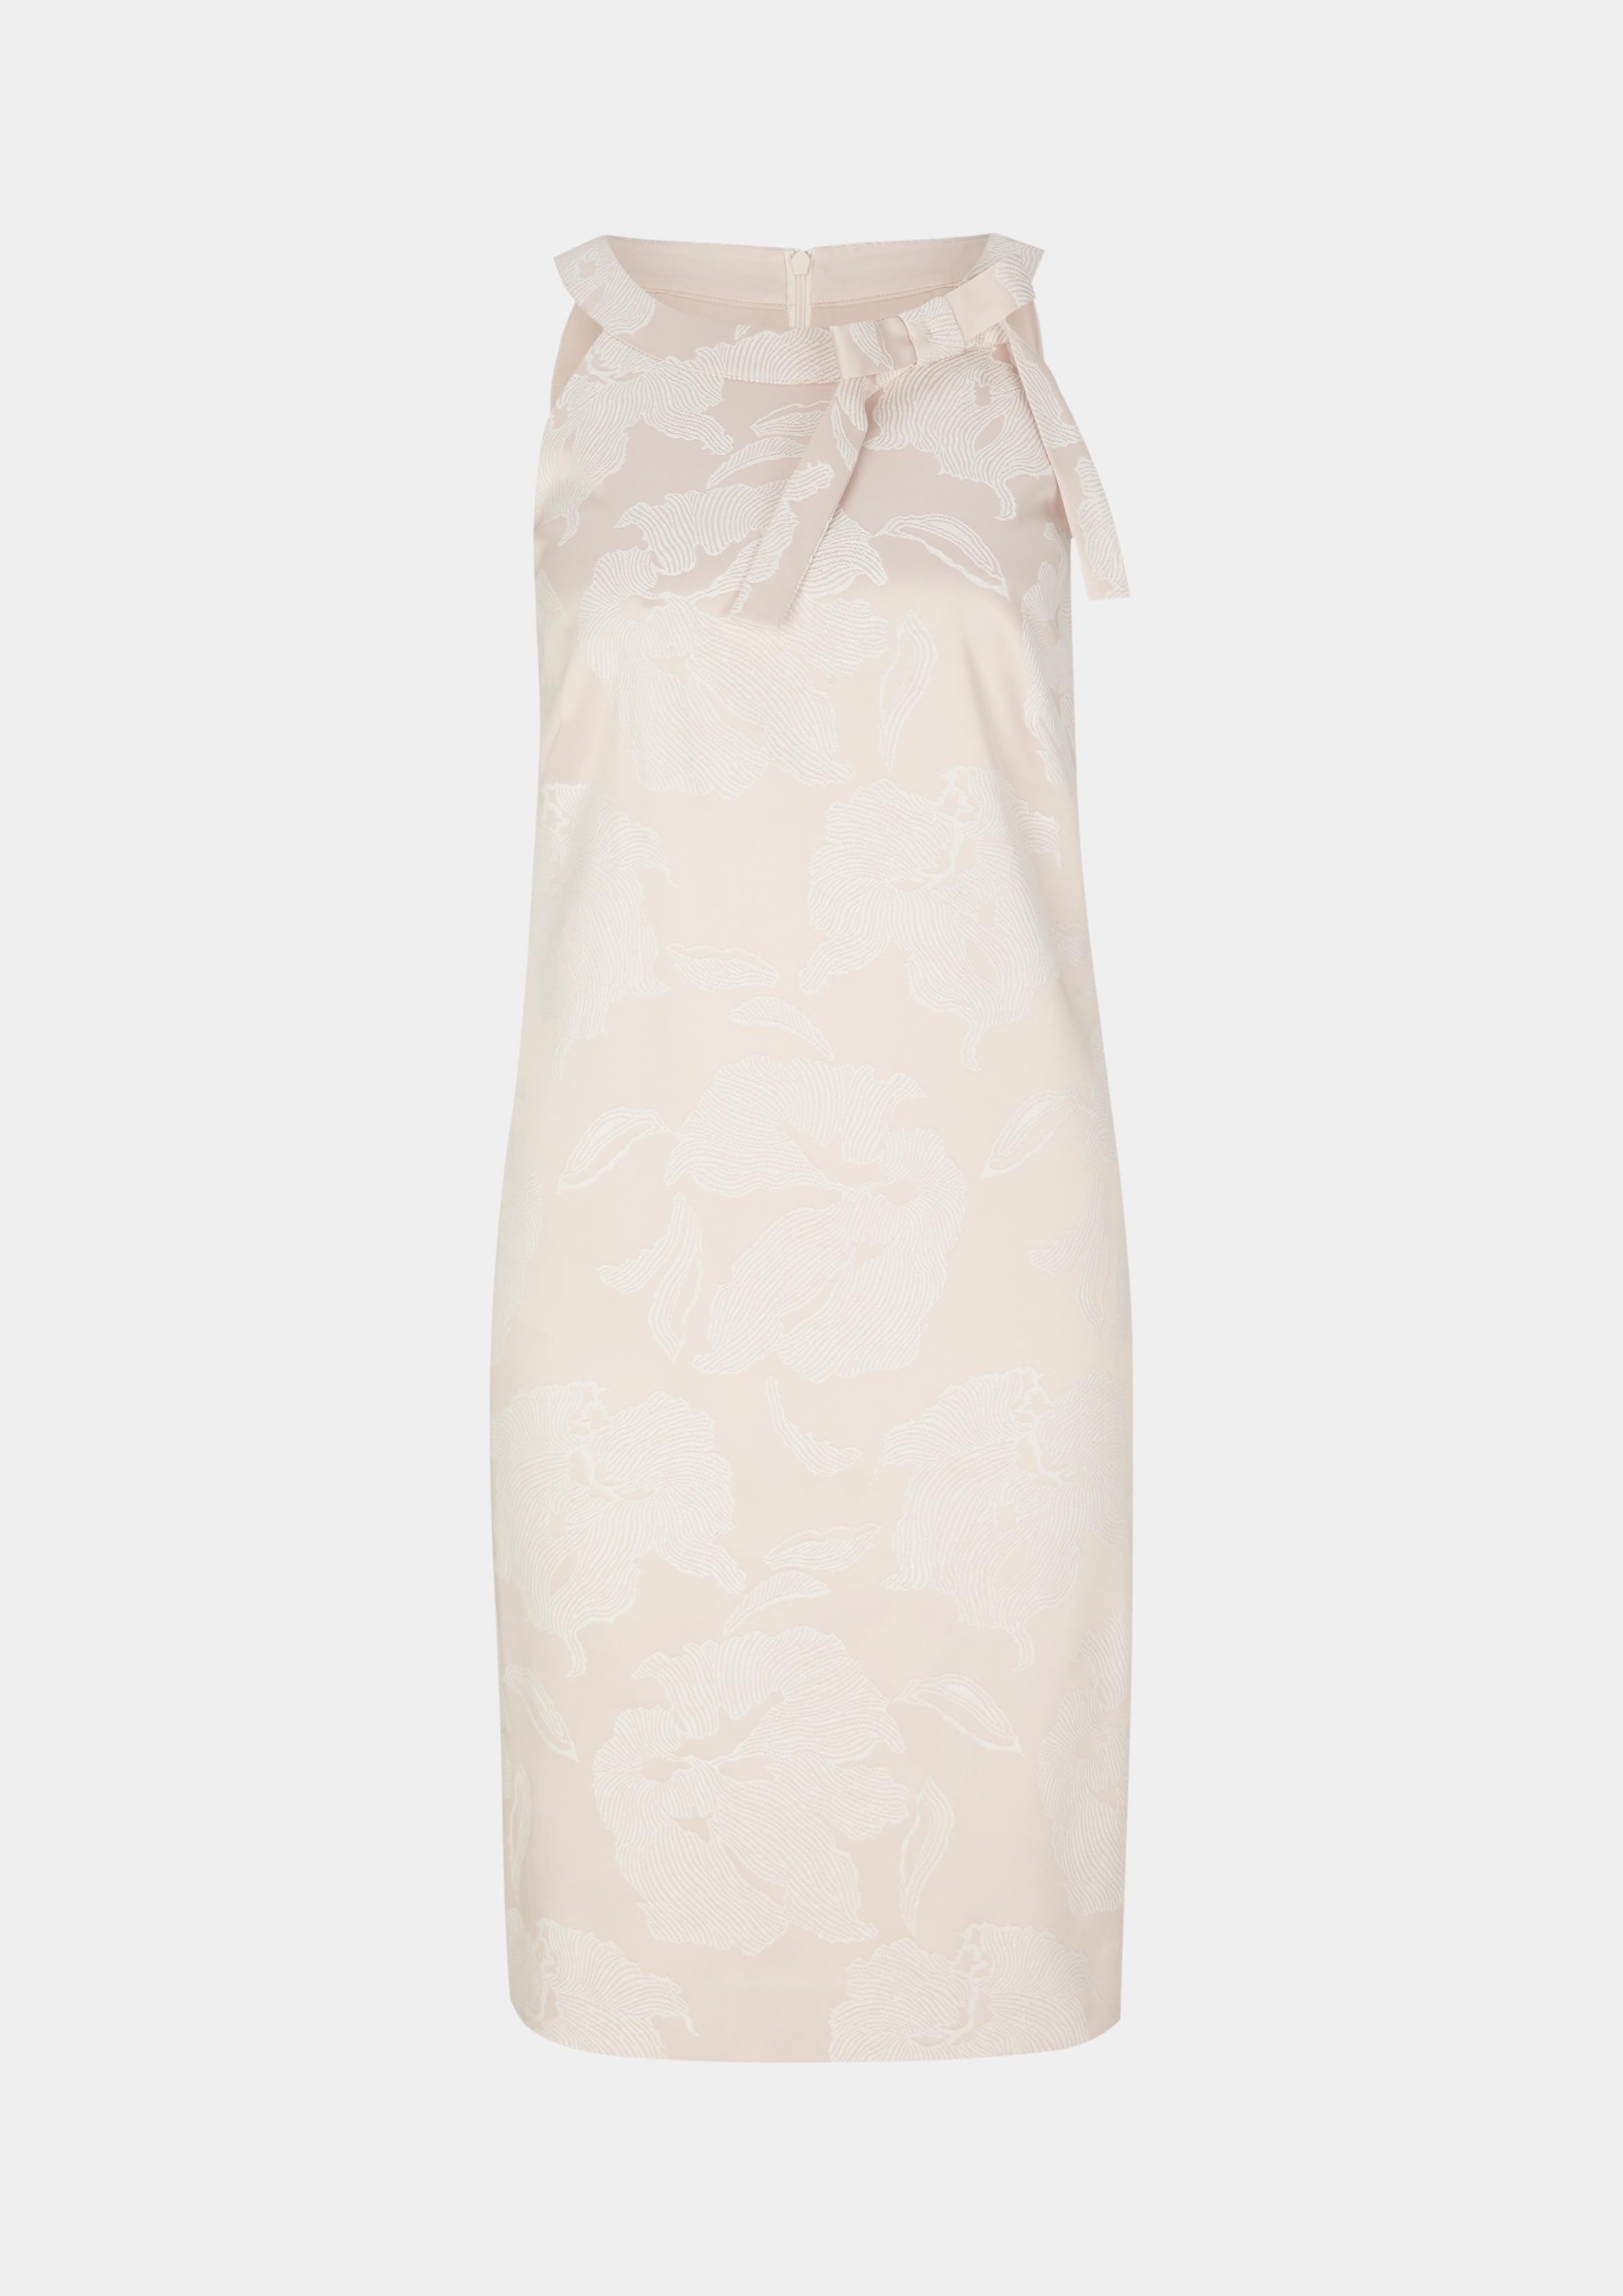 Abendkleid | Bekleidung > Kleider > Abendkleider | Braun | 61% polyester -  37% viskose -  2% elasthan| futter: 100% polyester | comma